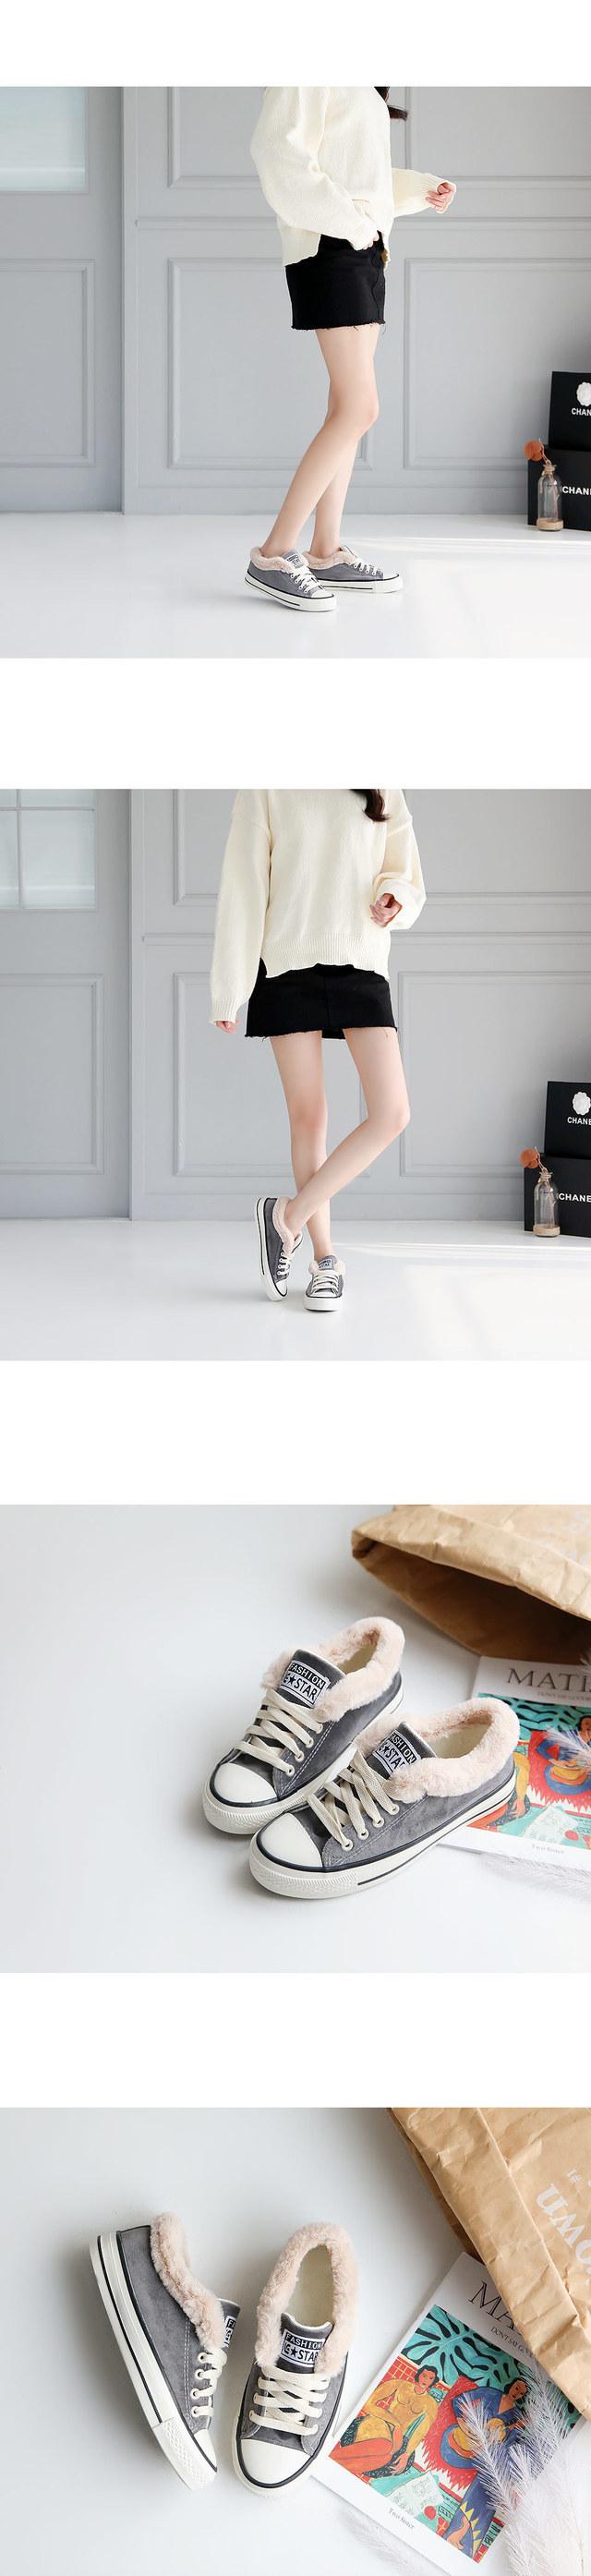 Ratsby Velvet Sneakers 2cm